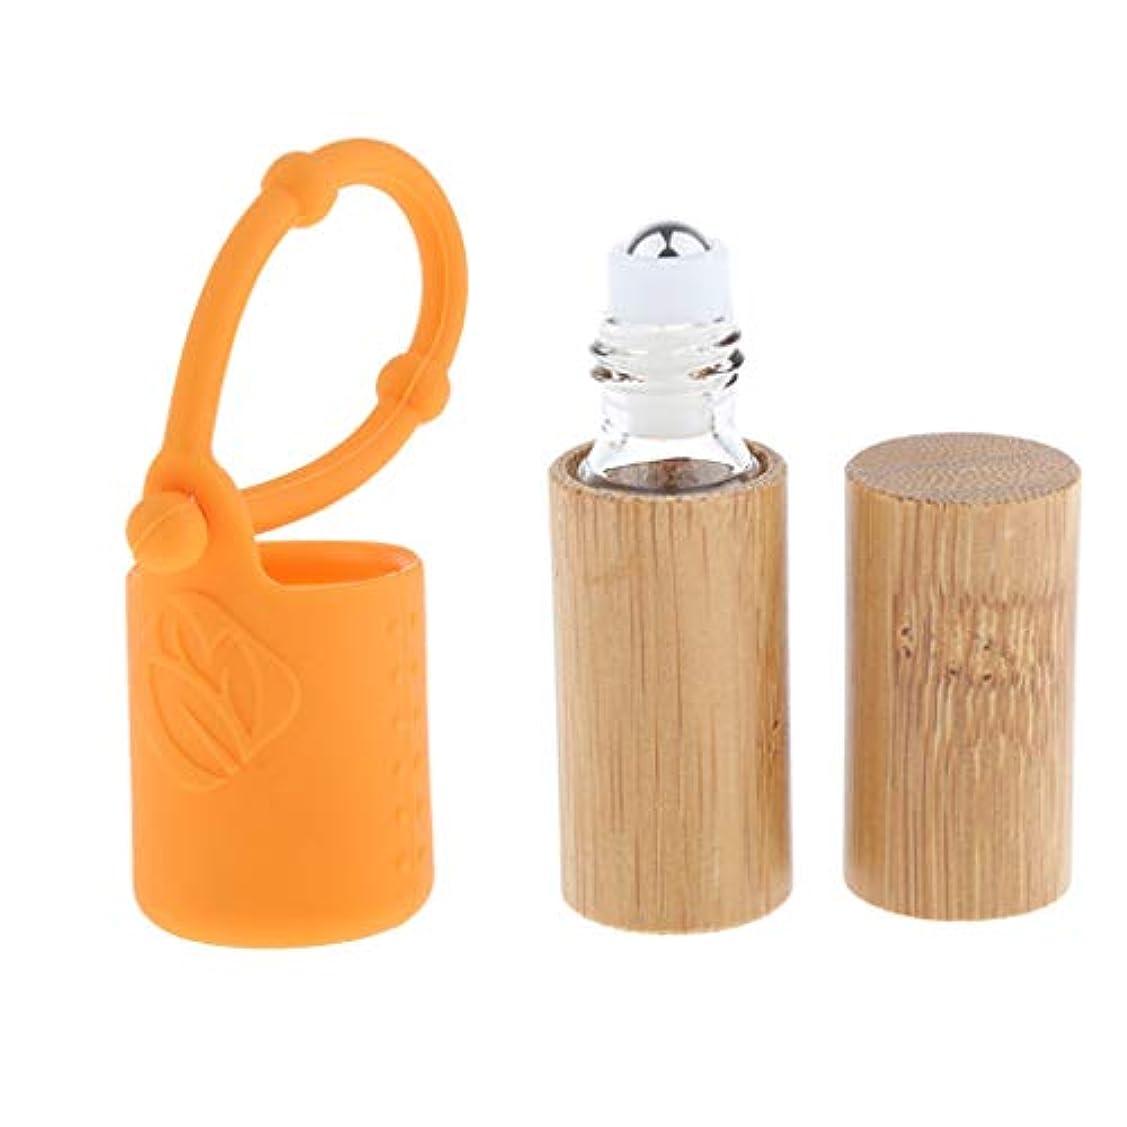 平凡オーストラリア人遺伝的dailymall 竹詰め替え可能な空のエッセンシャルオイルメイクアップ5 Mlボトル+カバースリーブセット